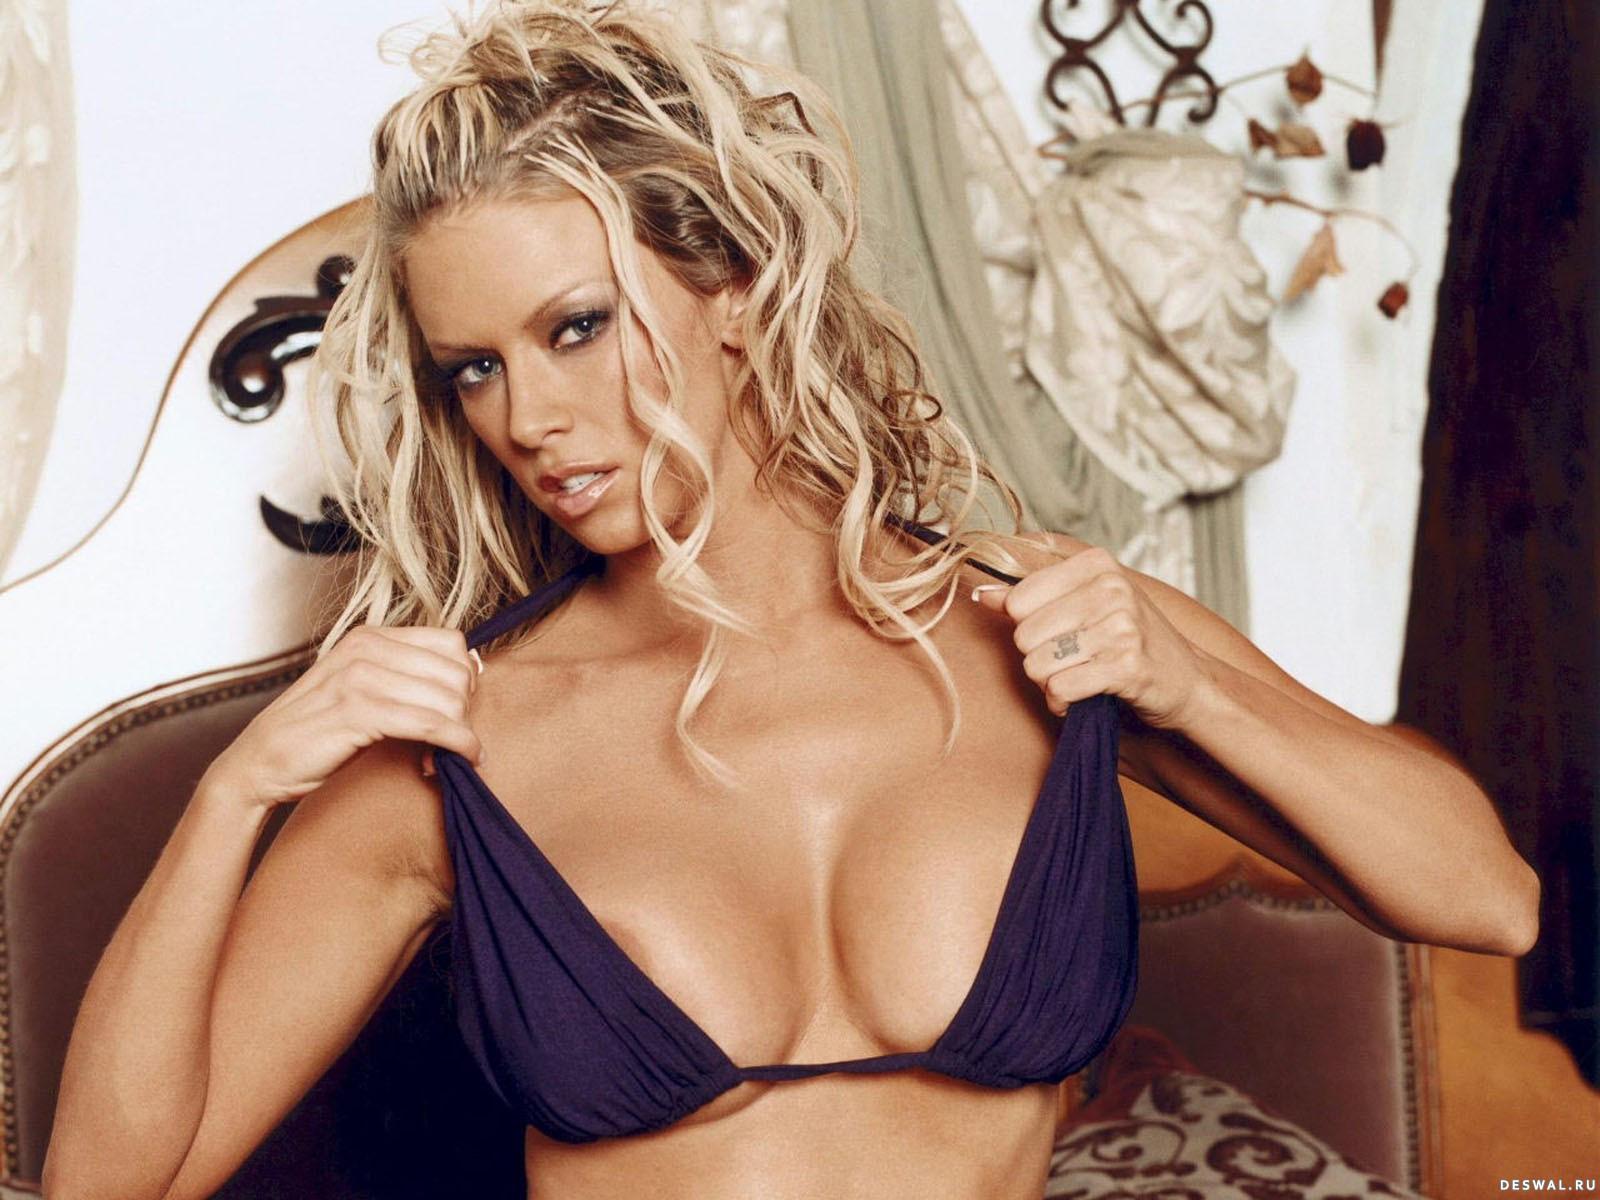 Секс с знаменитыми русскими звездами, Секс видео со знаменитостями звездный порно скандал 6 фотография